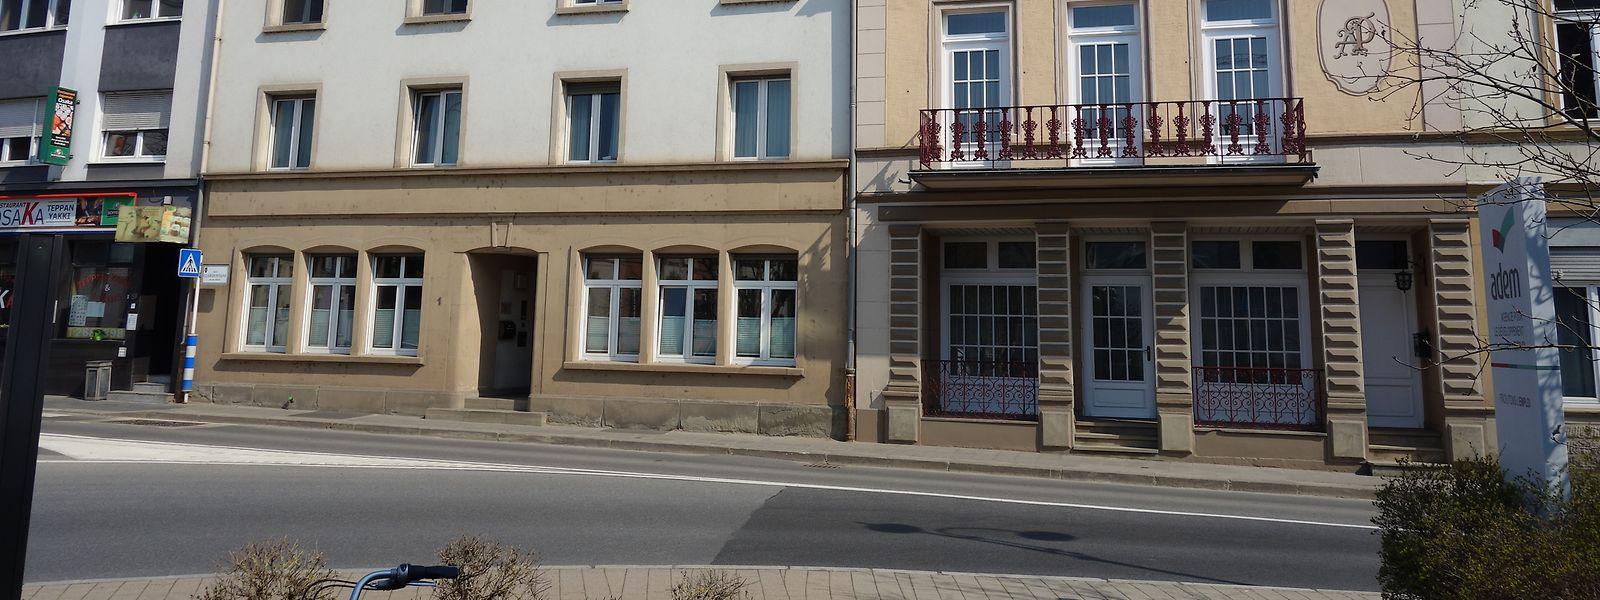 Das Hotel-Restaurant Hiertz in Diekirch war jahrzehntelang eine Institution. Das Gebäude an Nummer 1, Rue Clairfontaine, liegt direkt am Herrenberg und beherbergt heute das Centre Thérapeutique Diekirch, eine Abteilung der Rehaklinik.